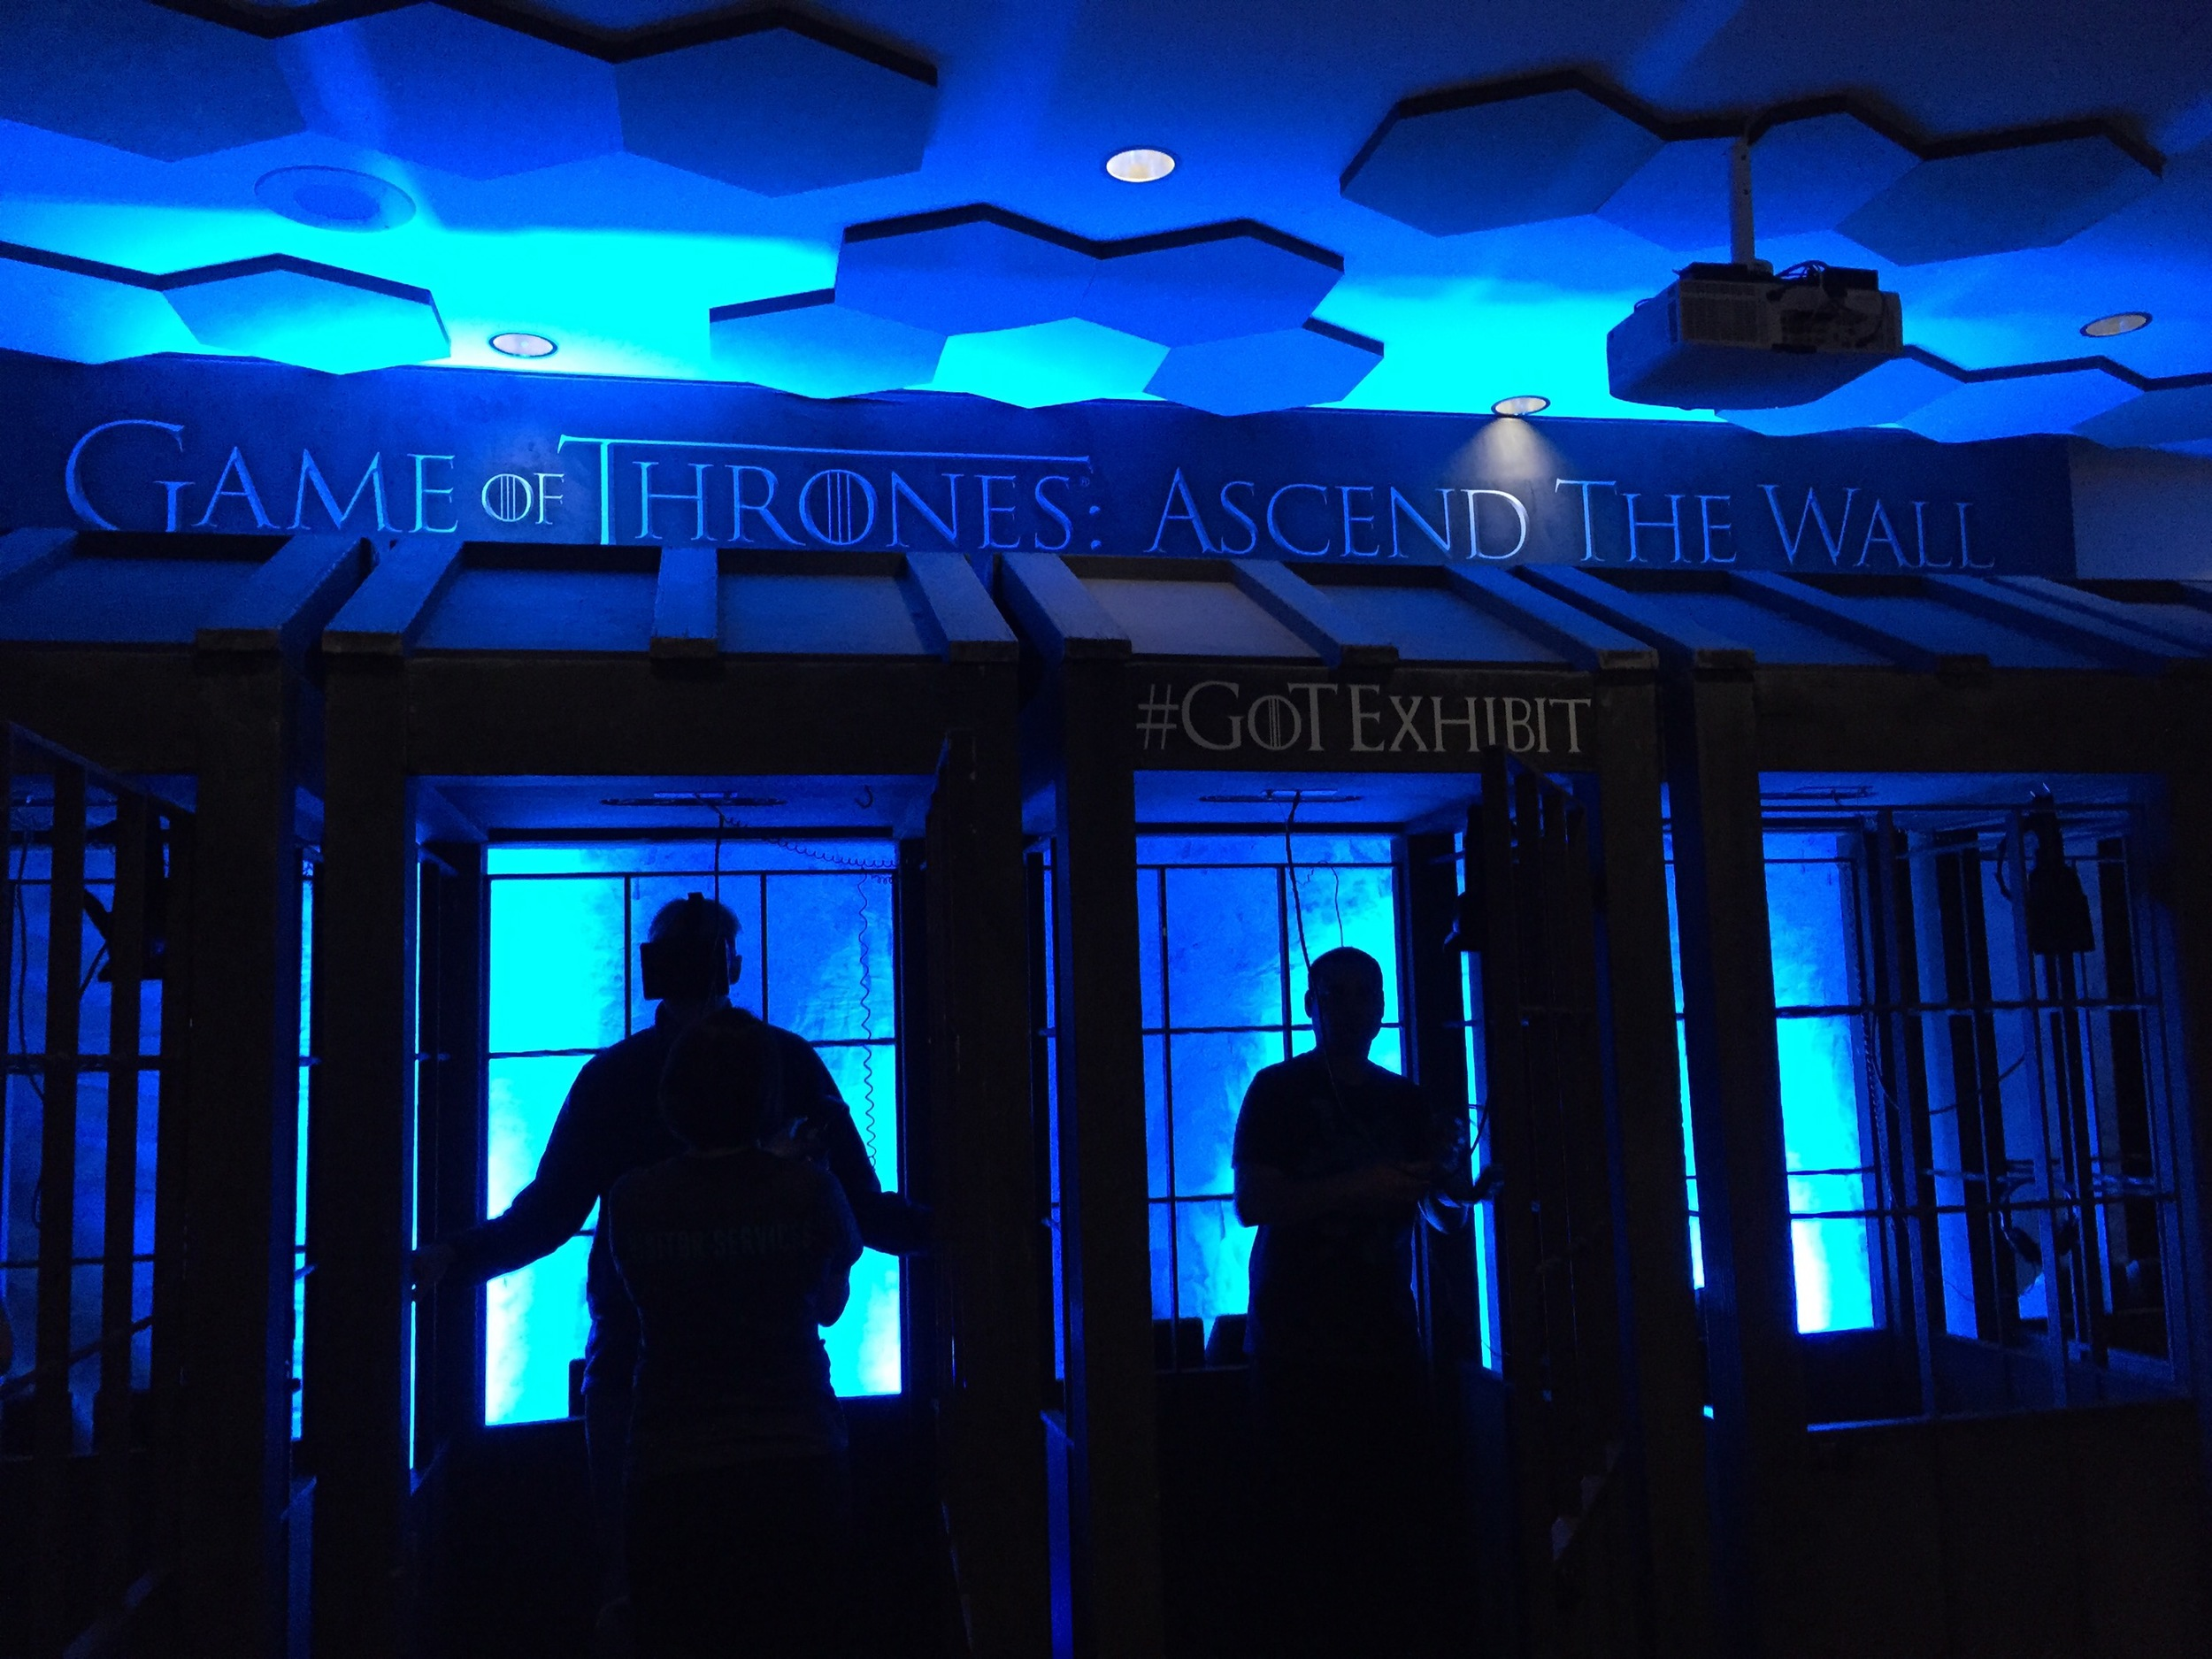 GameofThrones_HBO_Image11.jpg